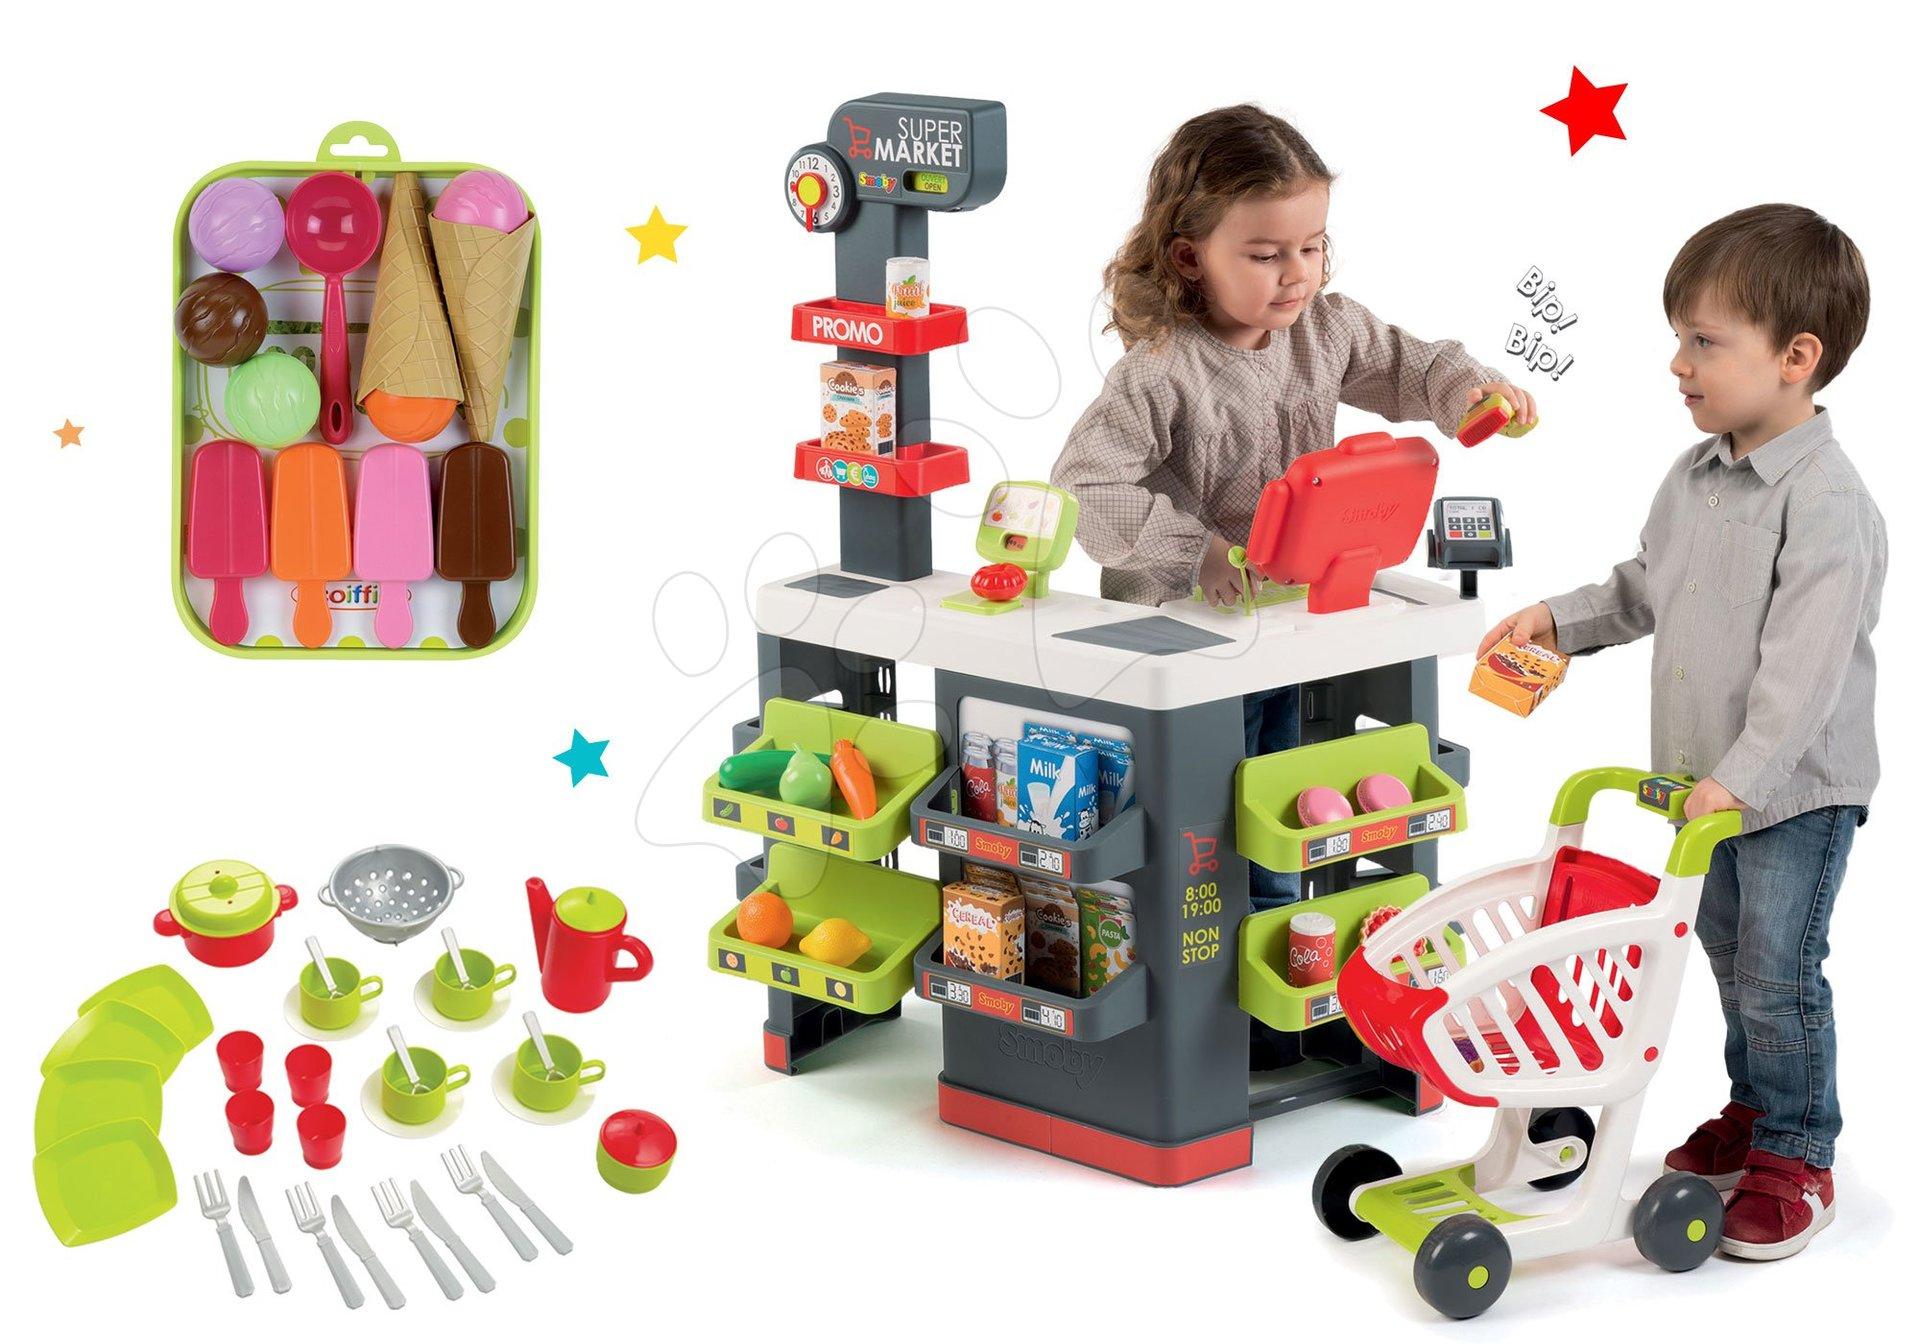 Set obchod Supermarket Smoby s elektronickou pokladnou a jídelní souprava a zmrzlina